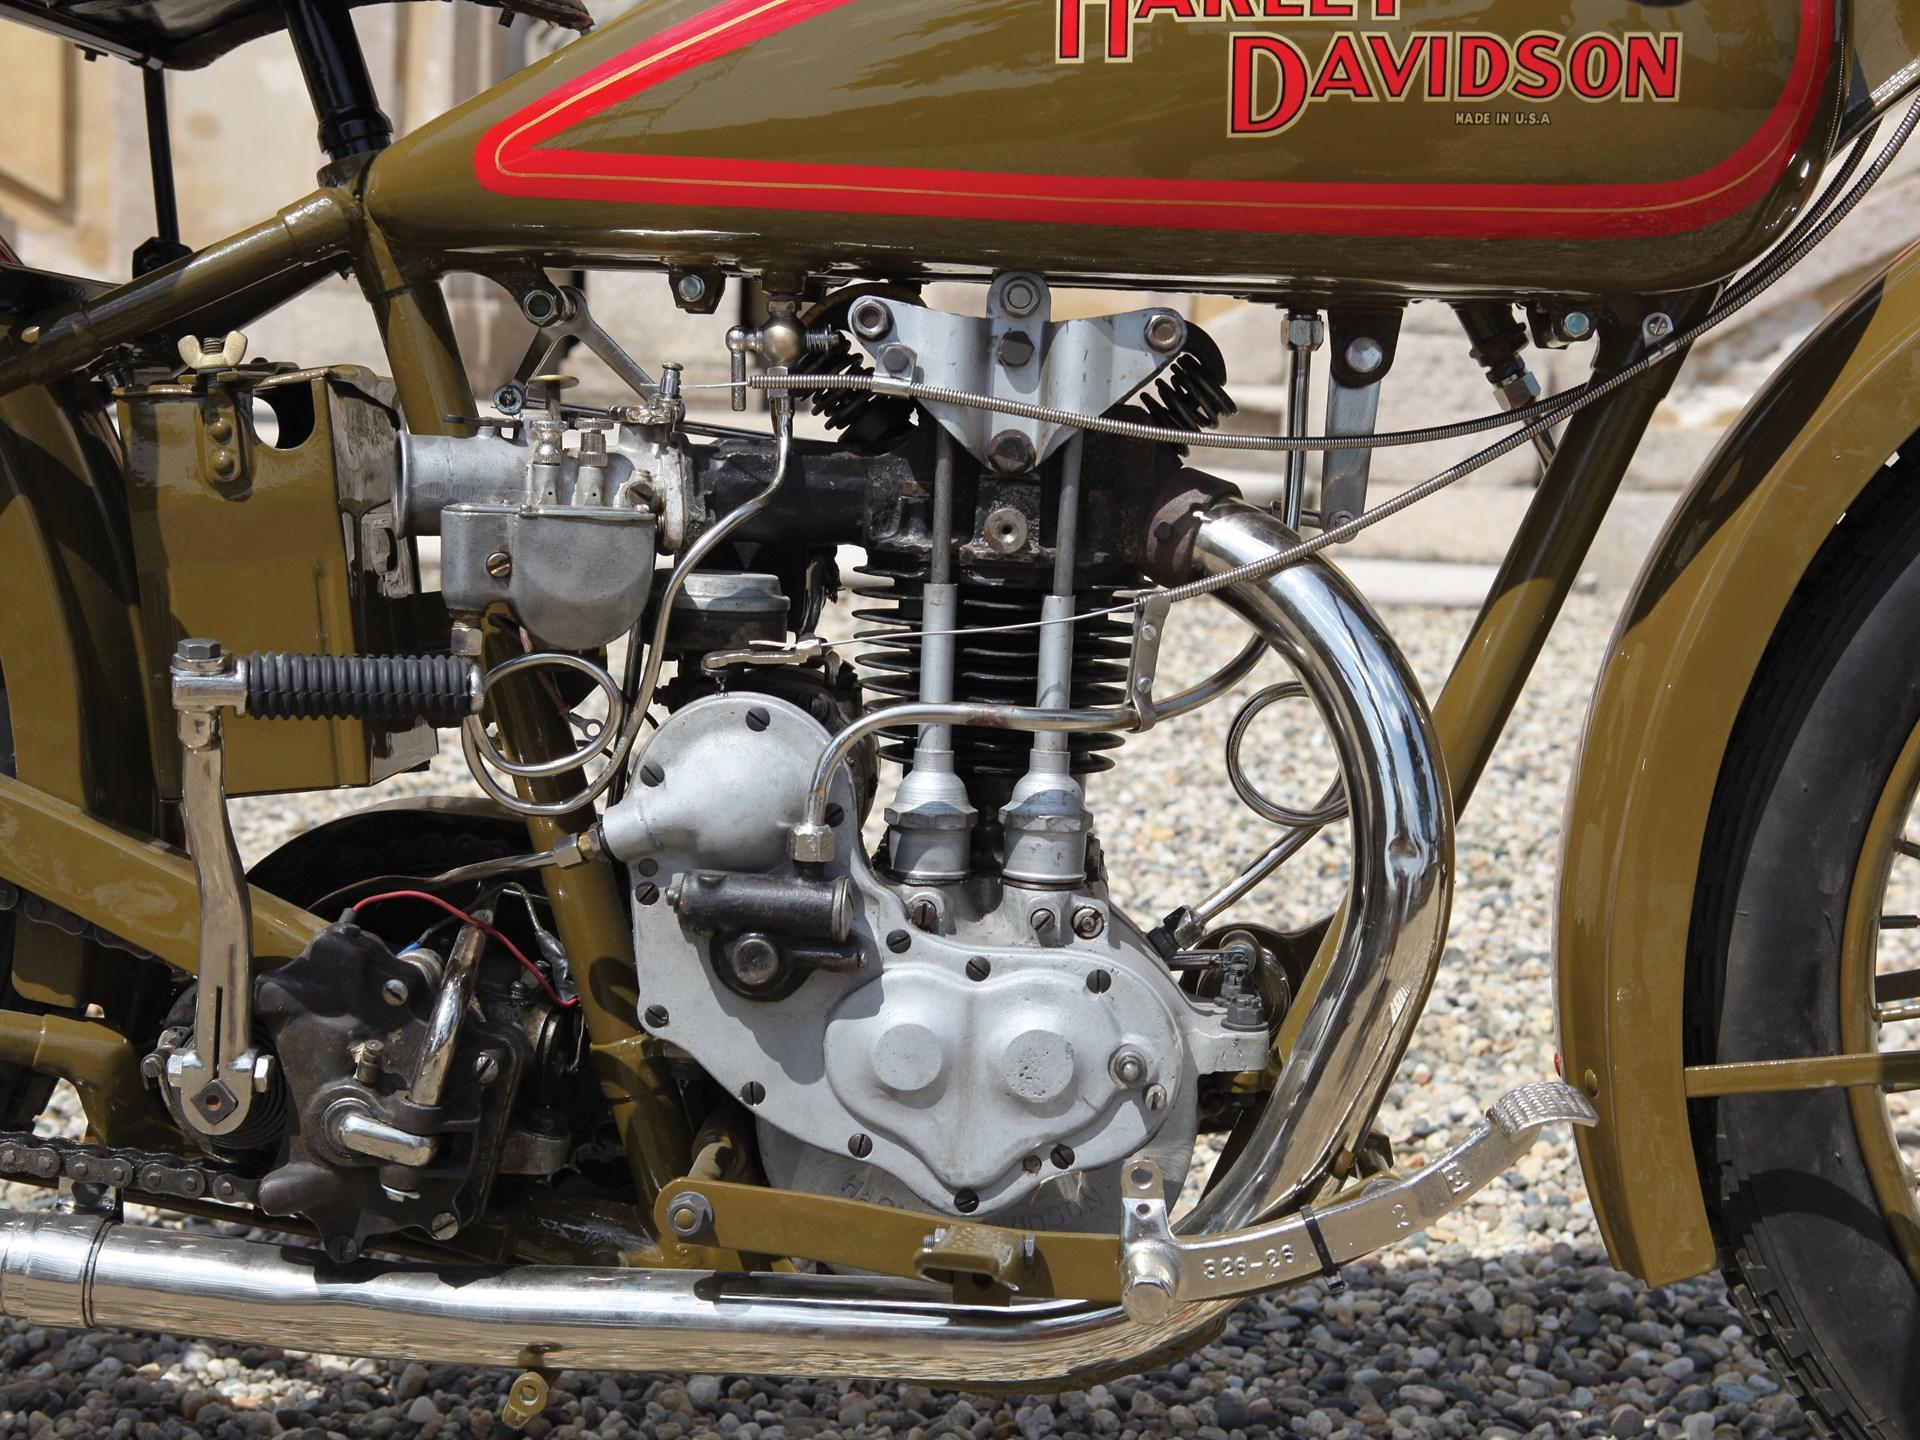 1926 Harley Davidson Ohv Peashooter Sold: 1925 Harley-Davidson Peashooter 350cc OHV